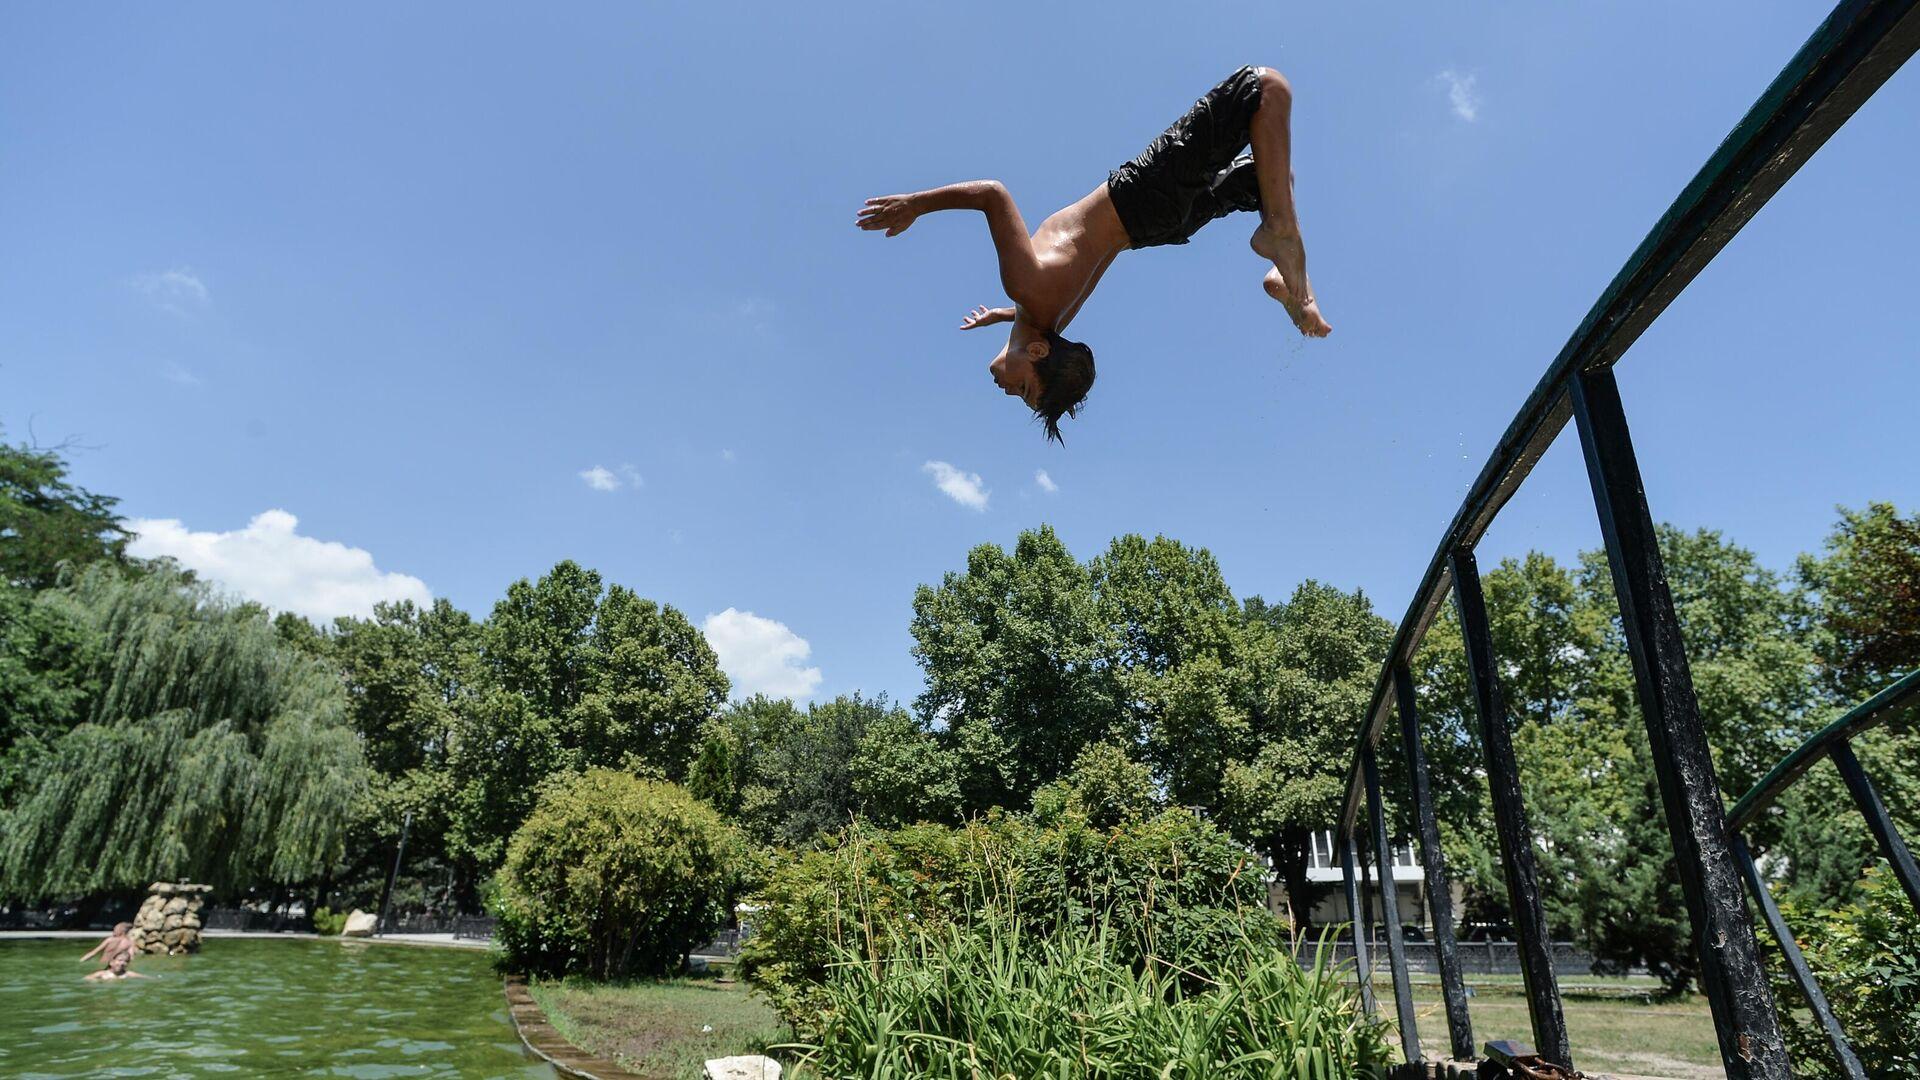 Мальчик прыгает в воду в жаркий день в Центральном парке культуры и отдыха Симферополя - РИА Новости, 1920, 03.08.2021